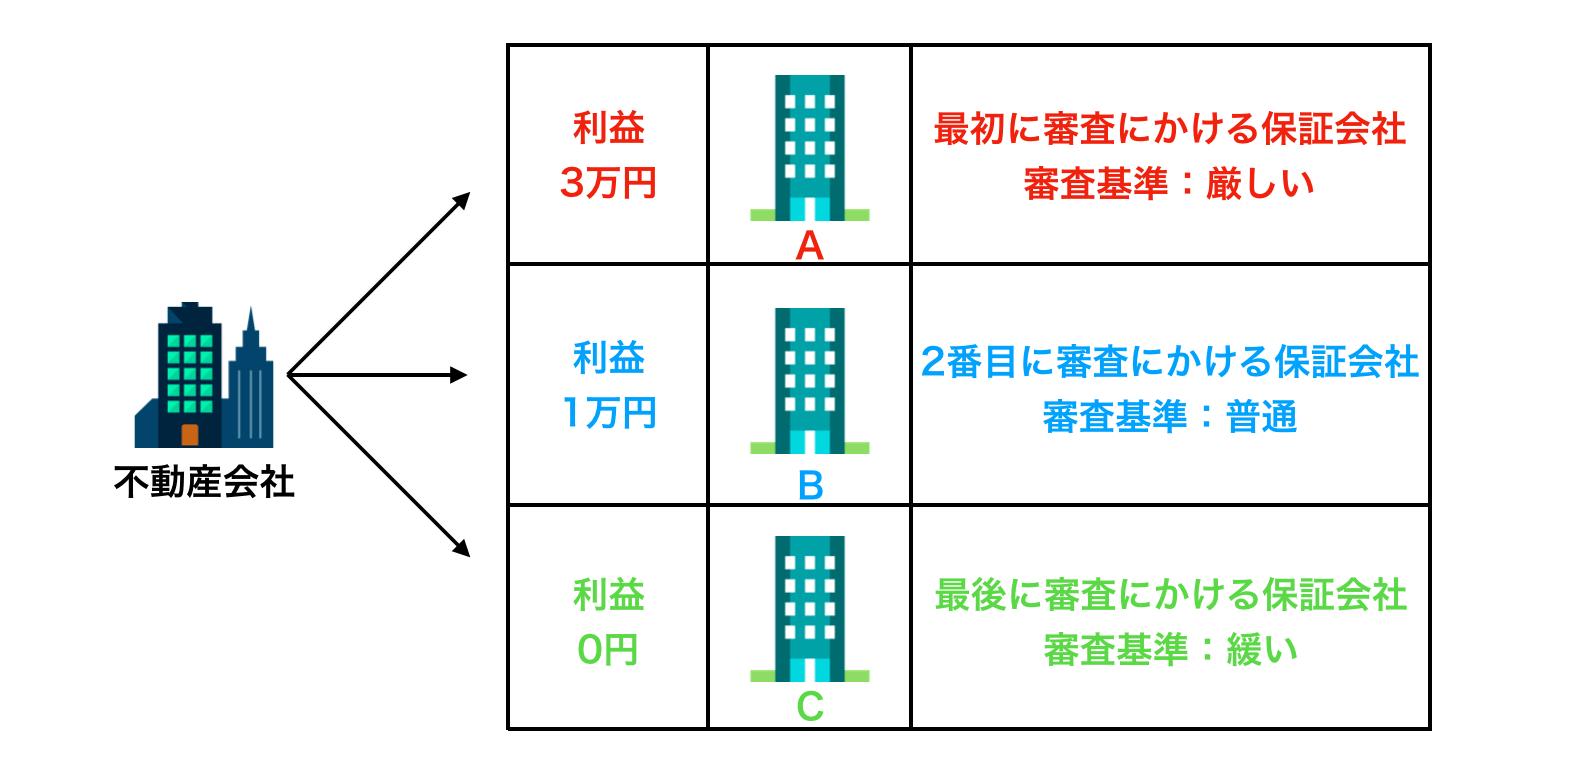 保証会社の審査基準を表した図